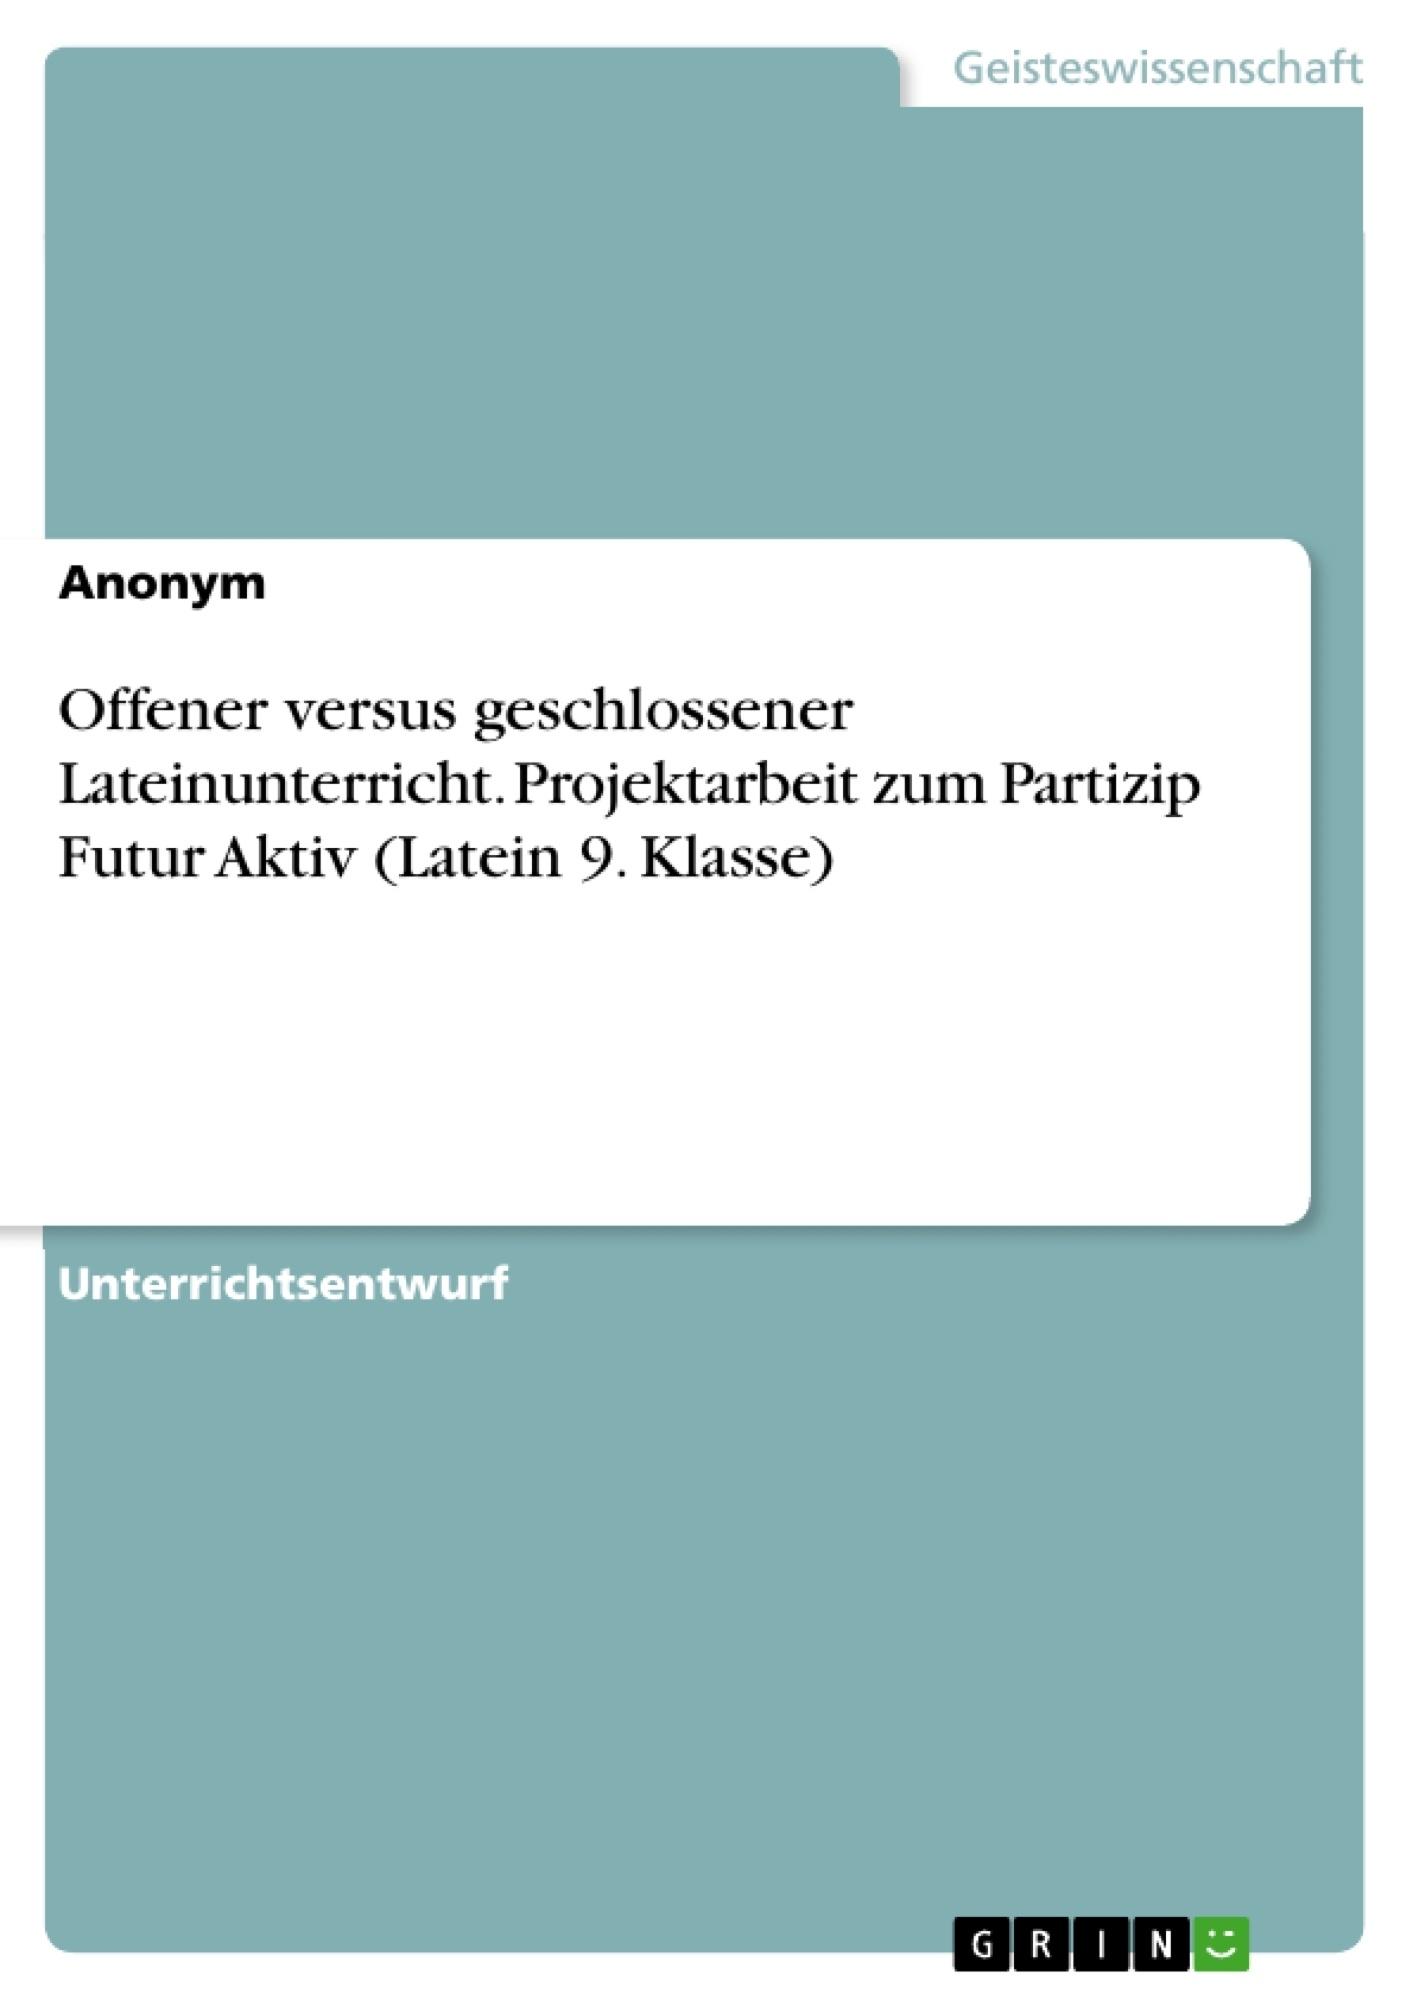 Titel: Offener versus geschlossener Lateinunterricht. Projektarbeit zum Partizip Futur Aktiv (Latein 9. Klasse)